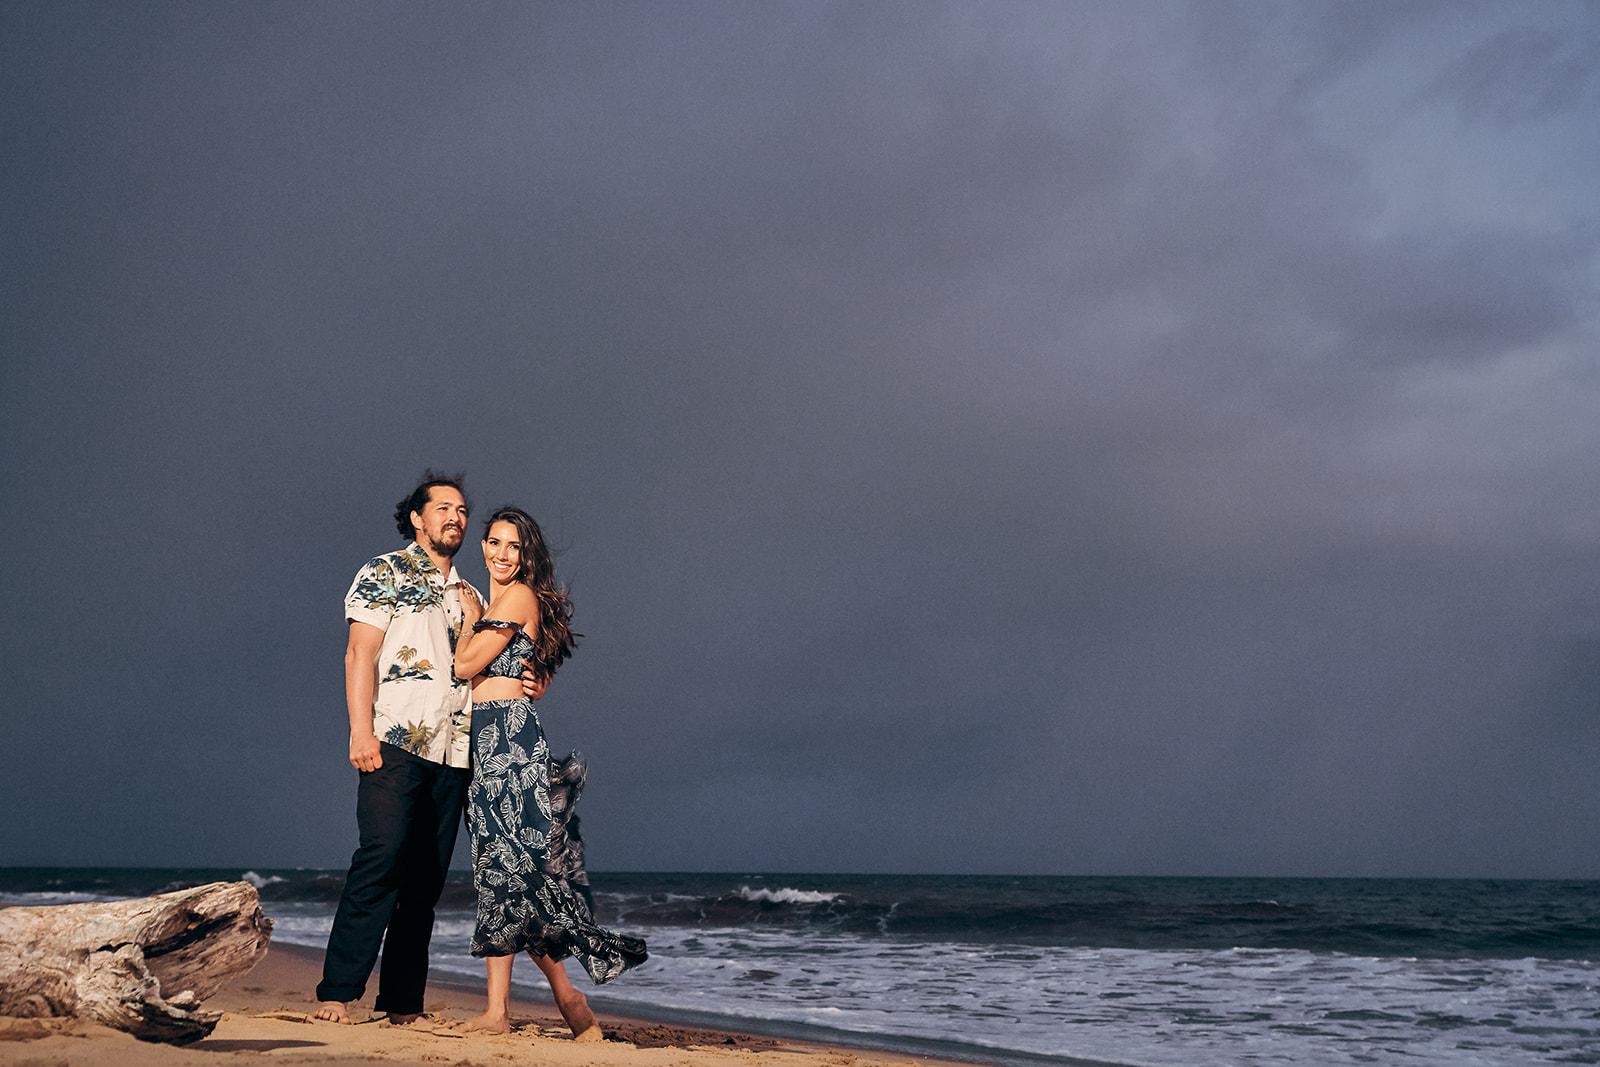 Kekaha Beach Couples Elopement Session